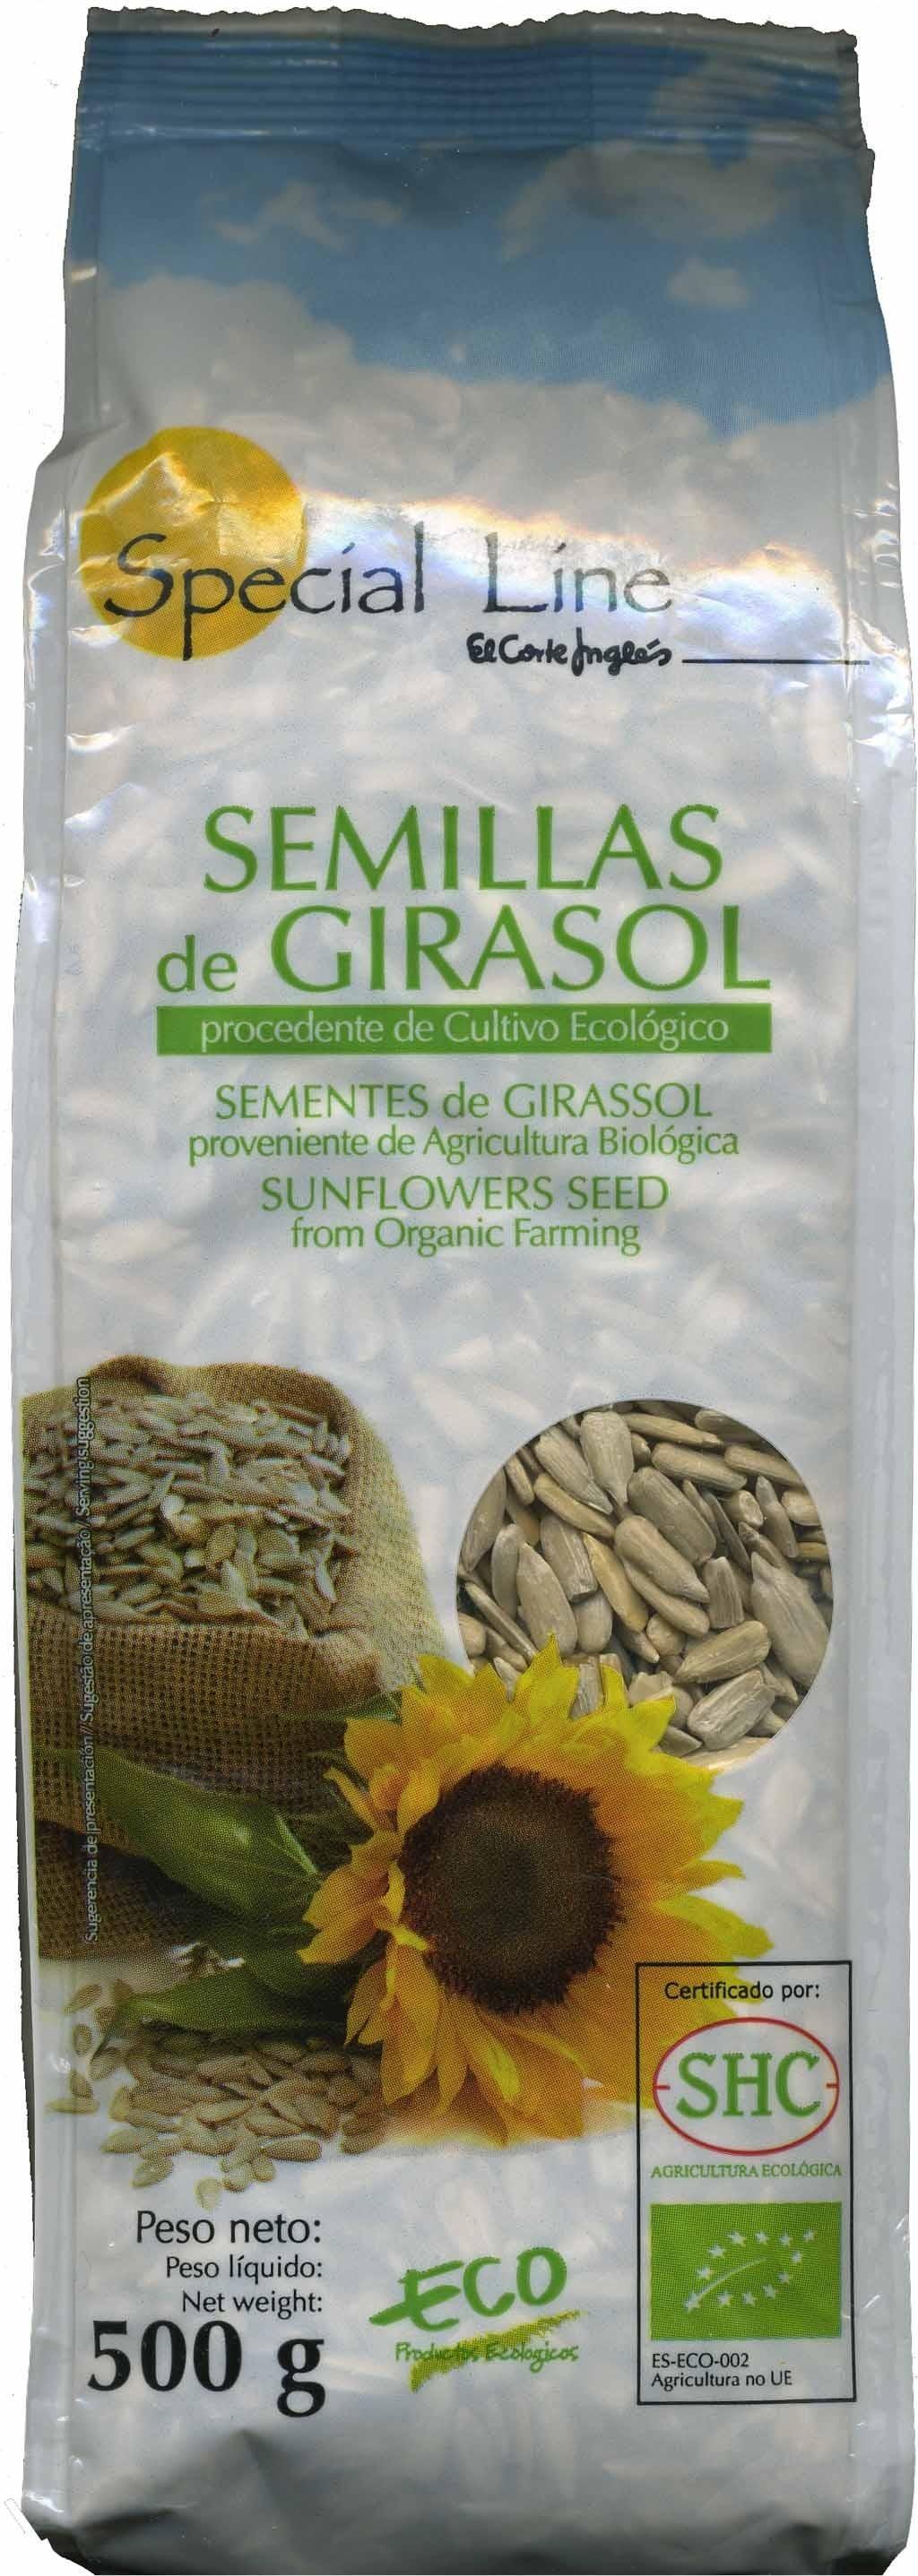 Semillas de girasol sin cáscara - Product